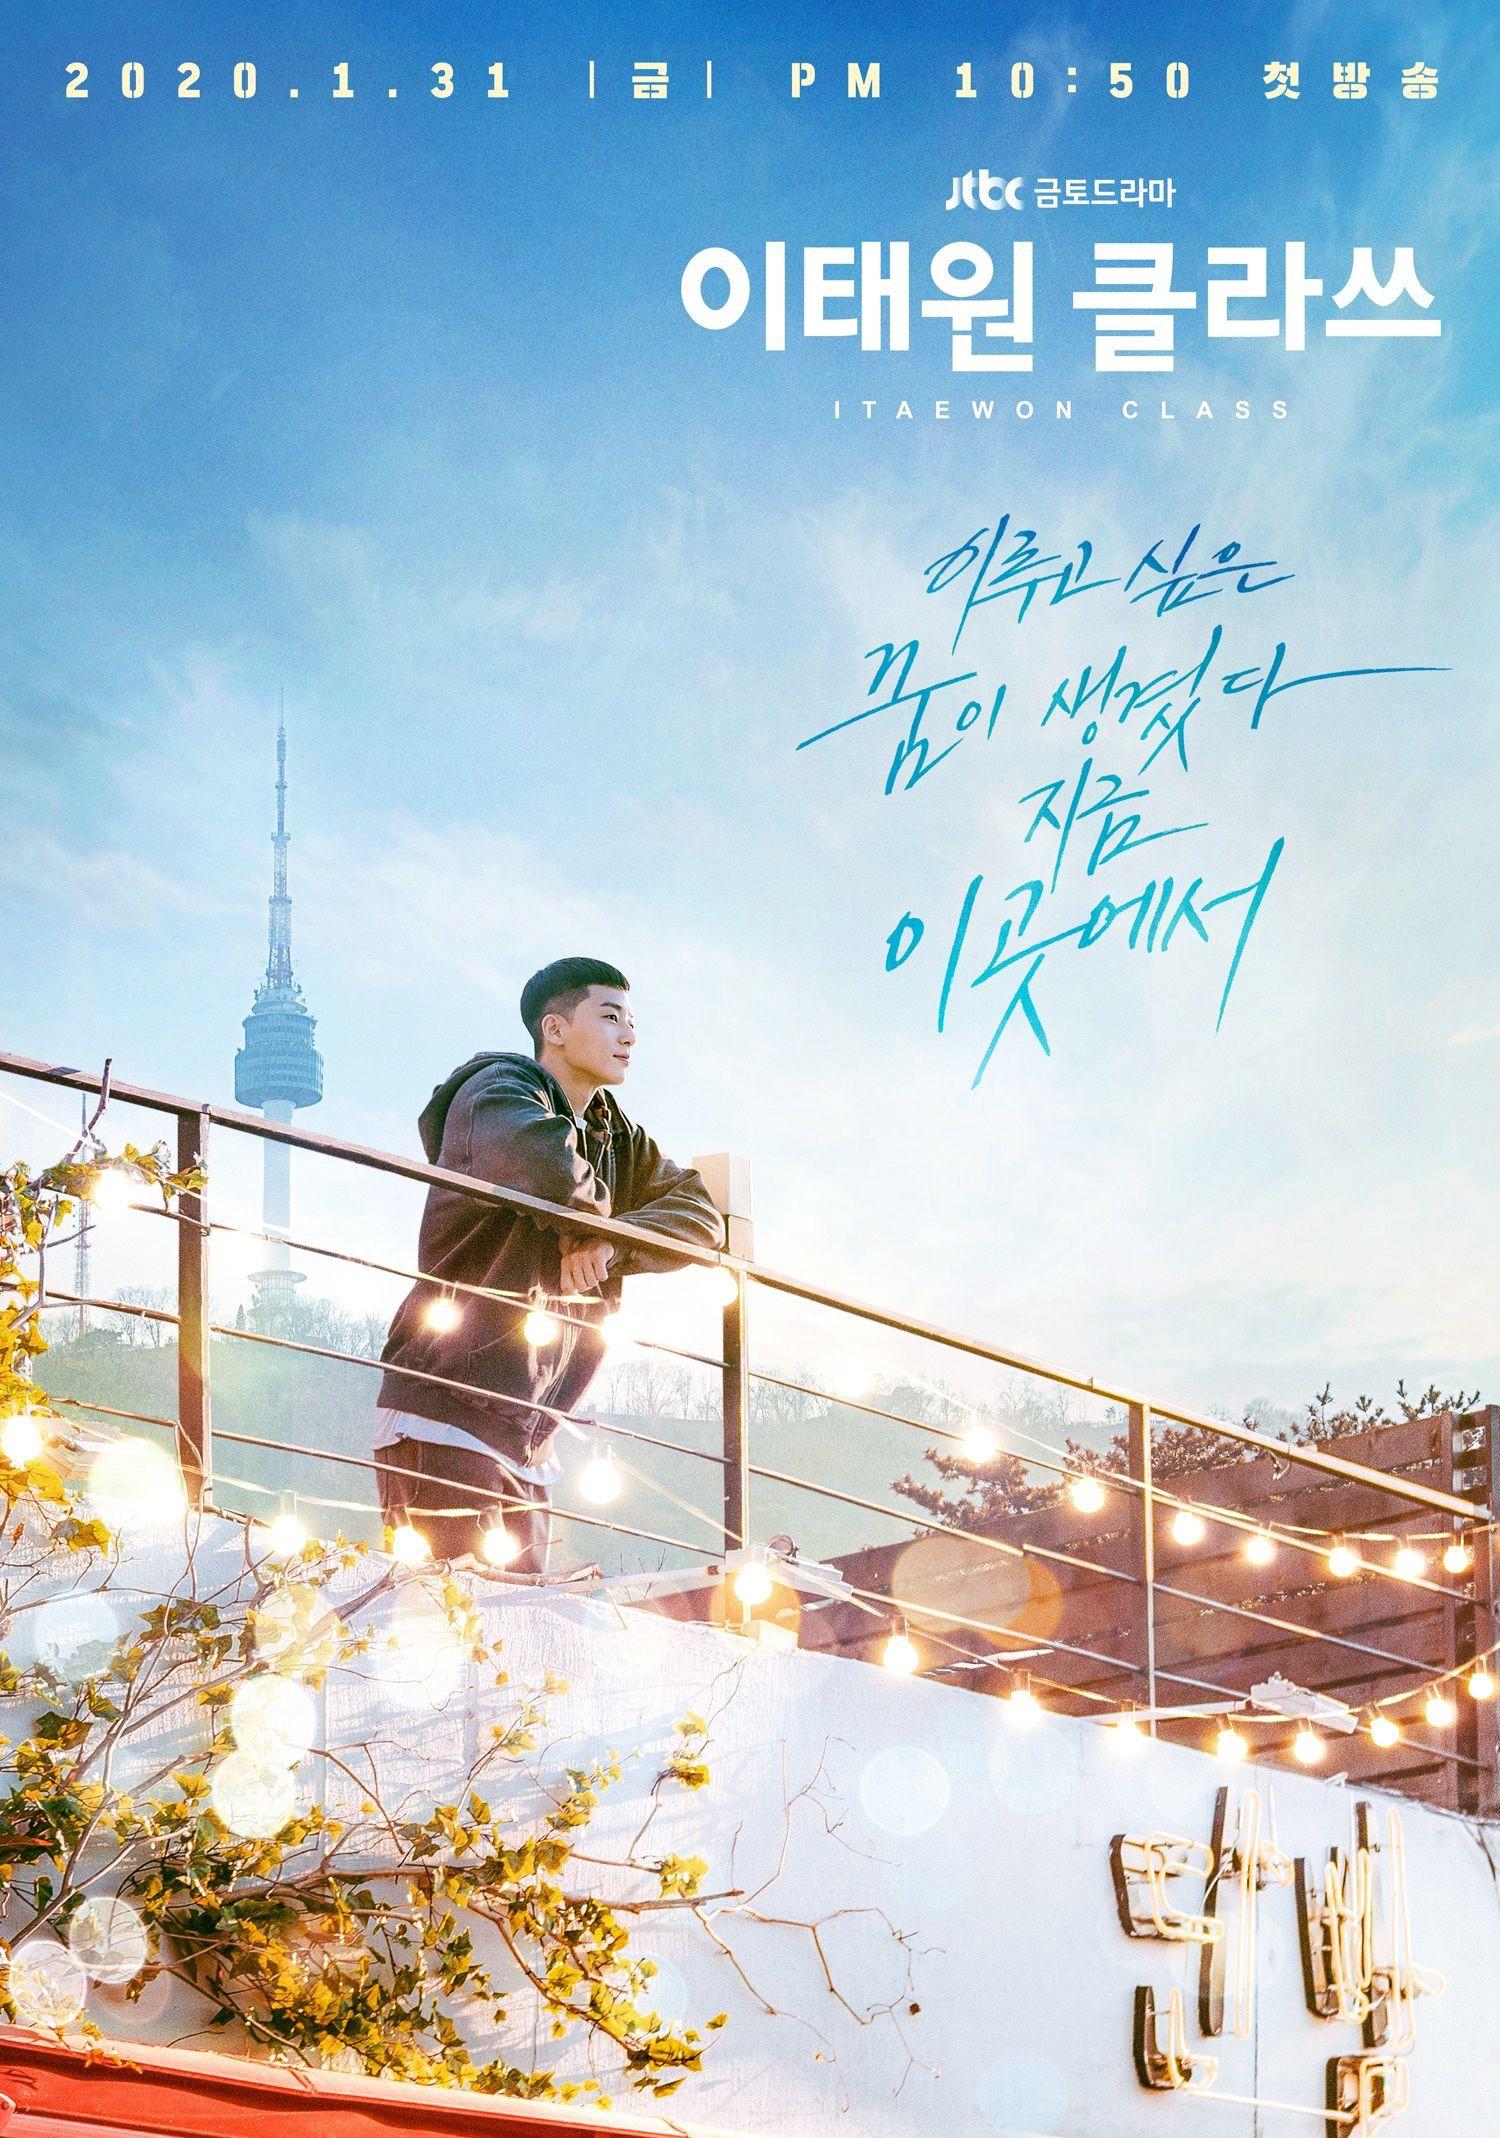 Park Sae Ro Yi gai góc của Itaewon Class